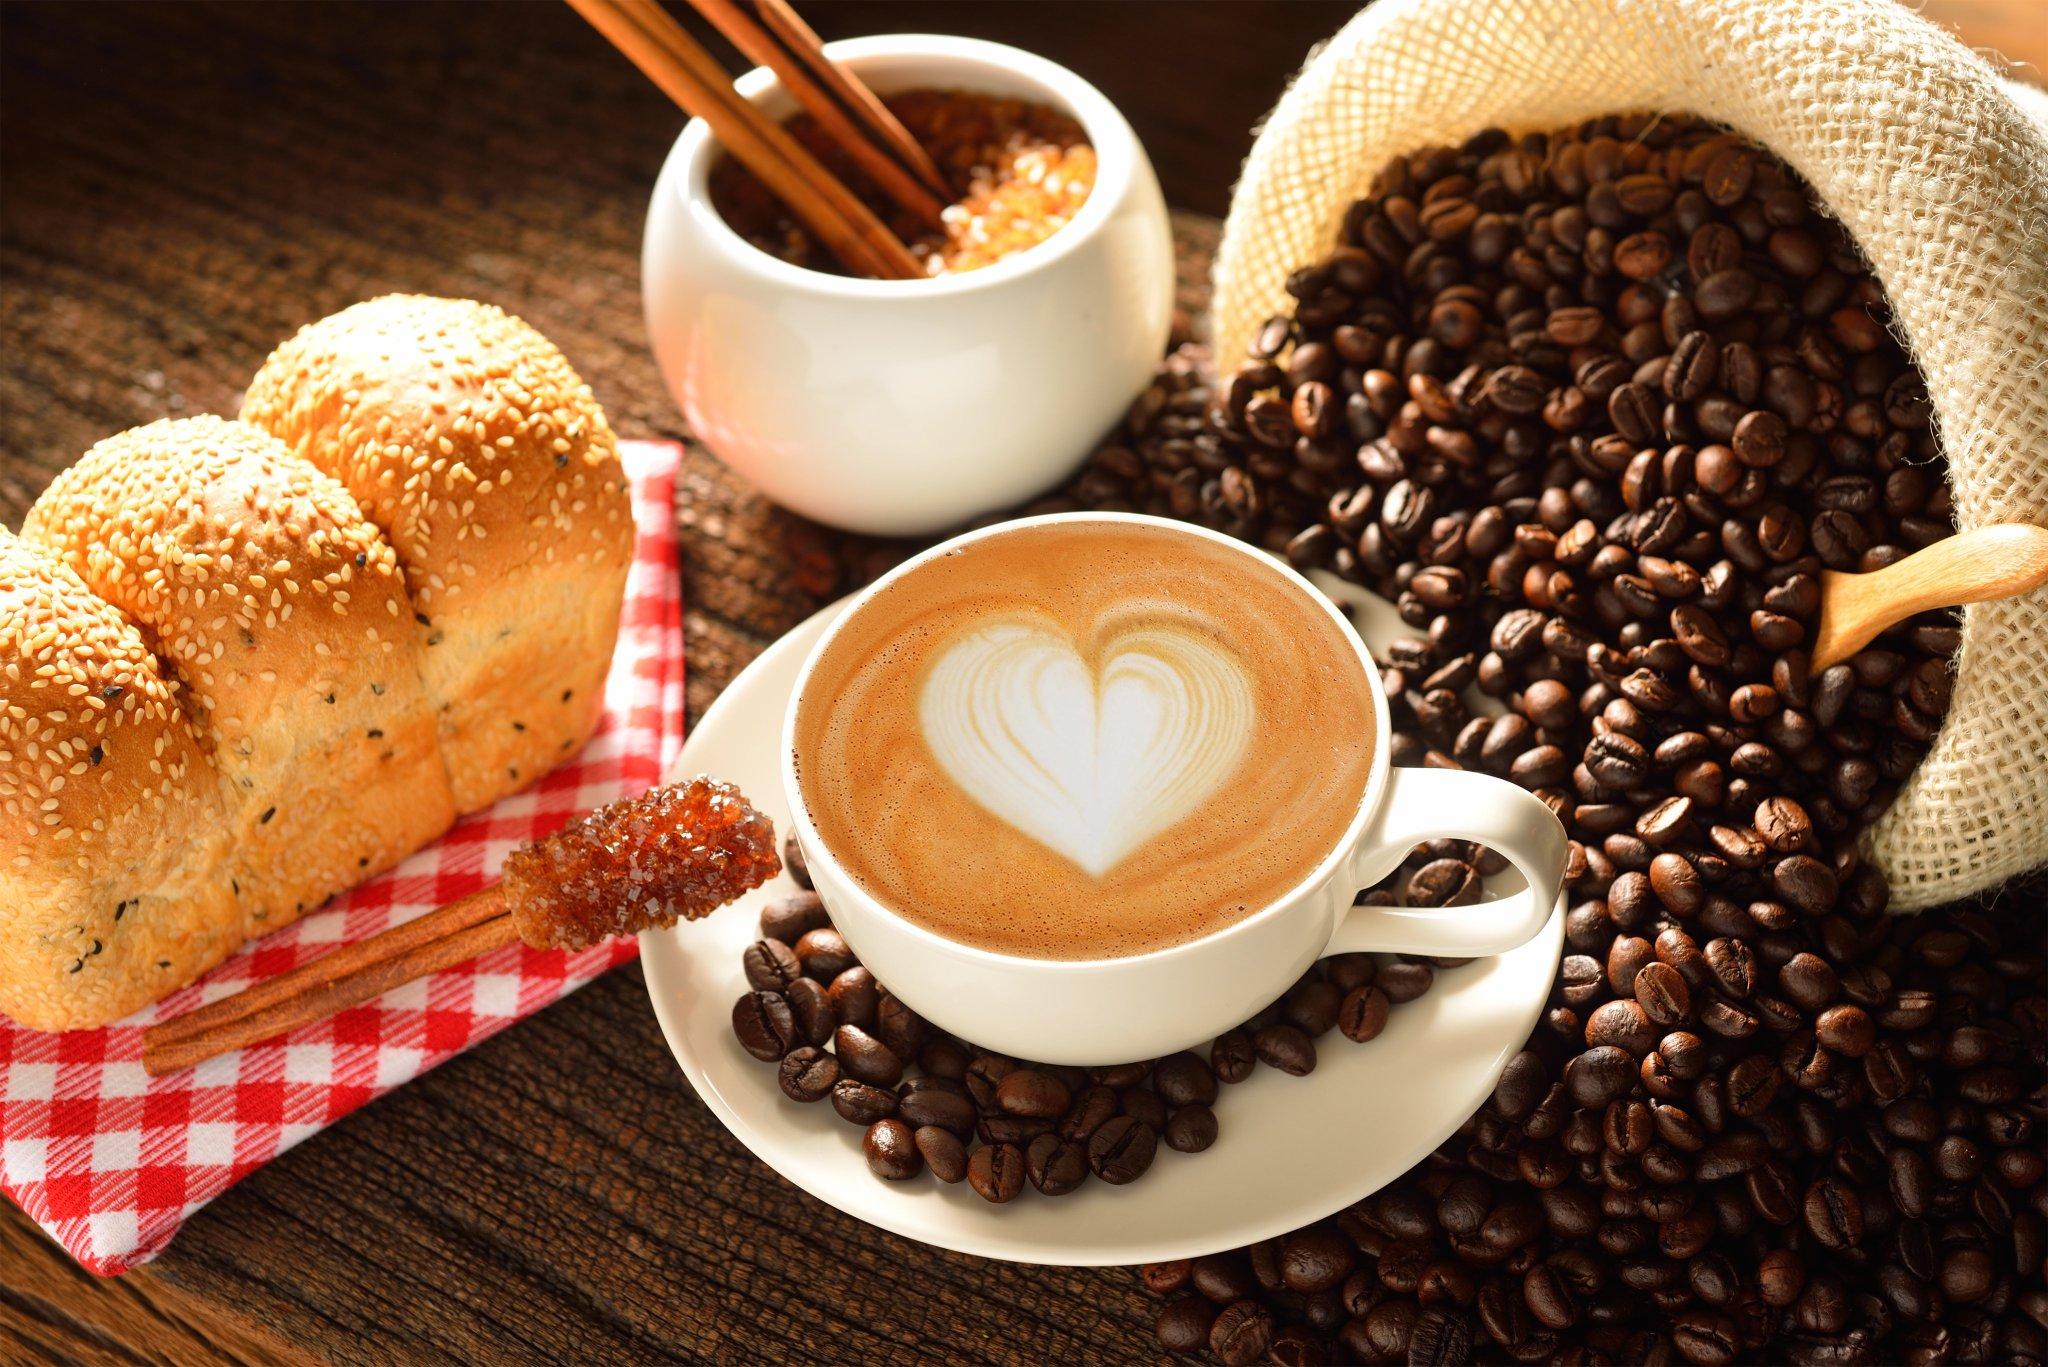 Поздравления, чашки кофе в картинках